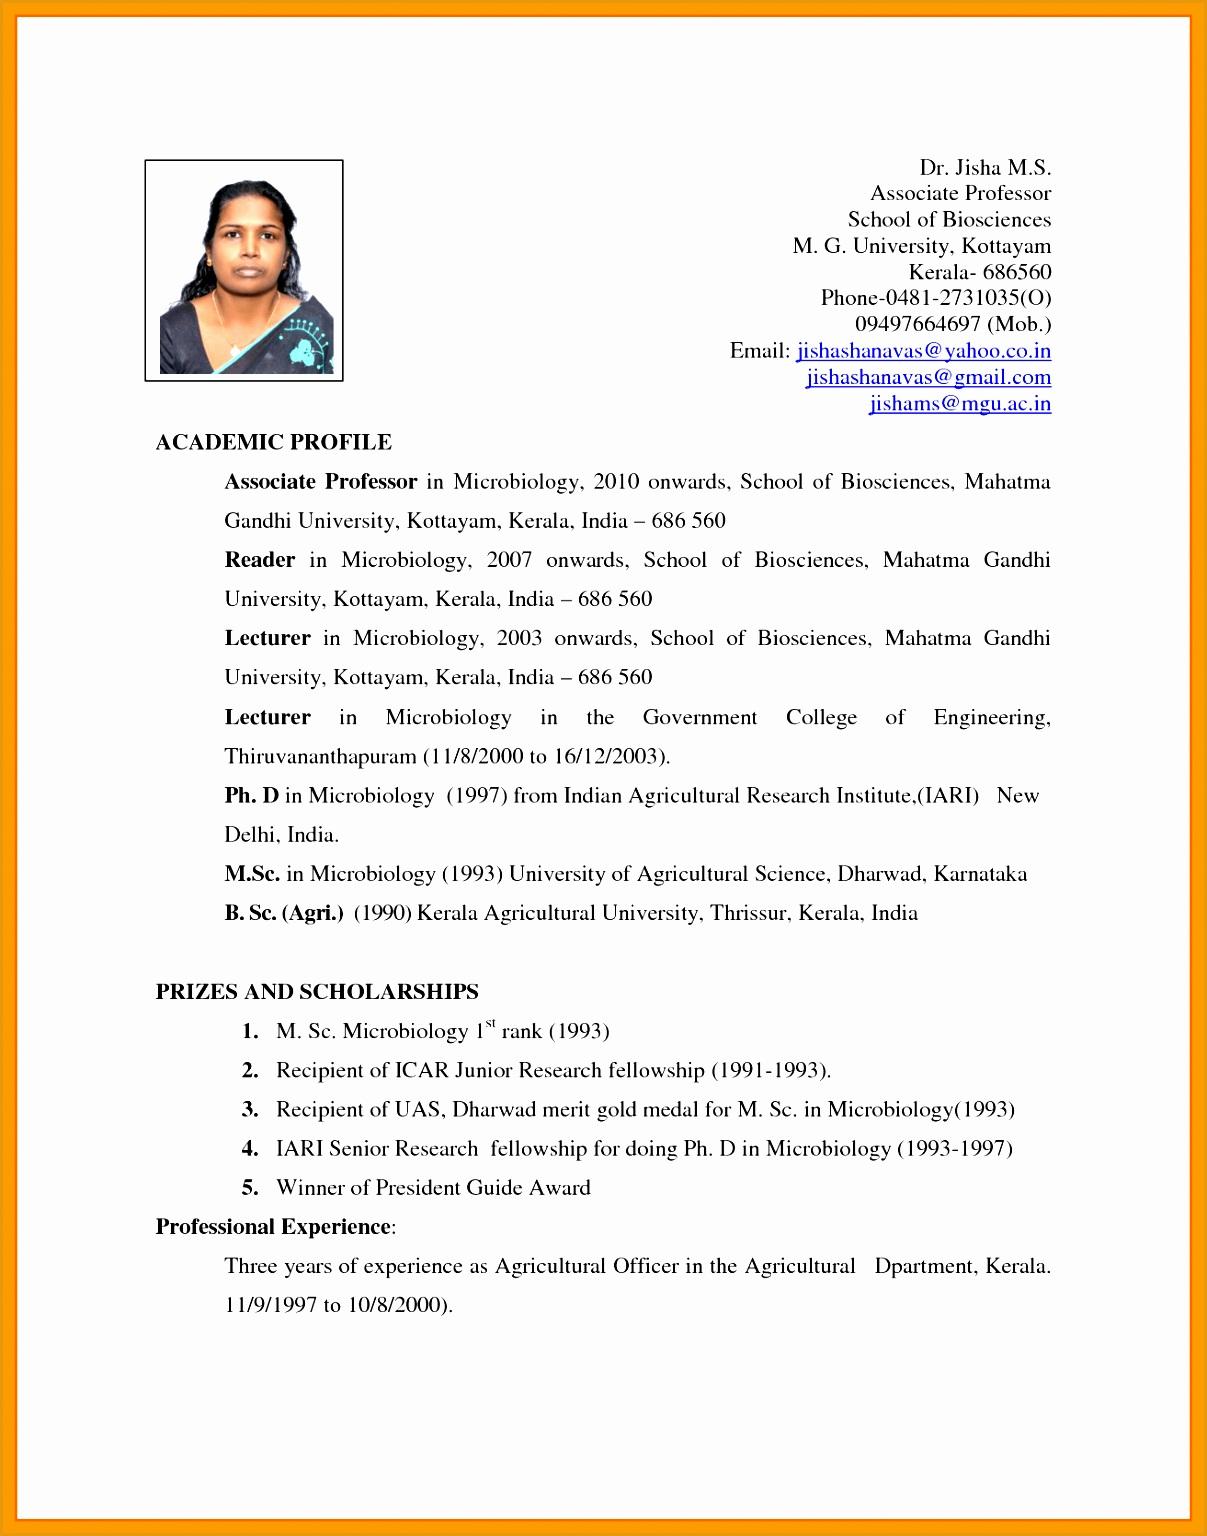 7 bio data format for teacher job15361207